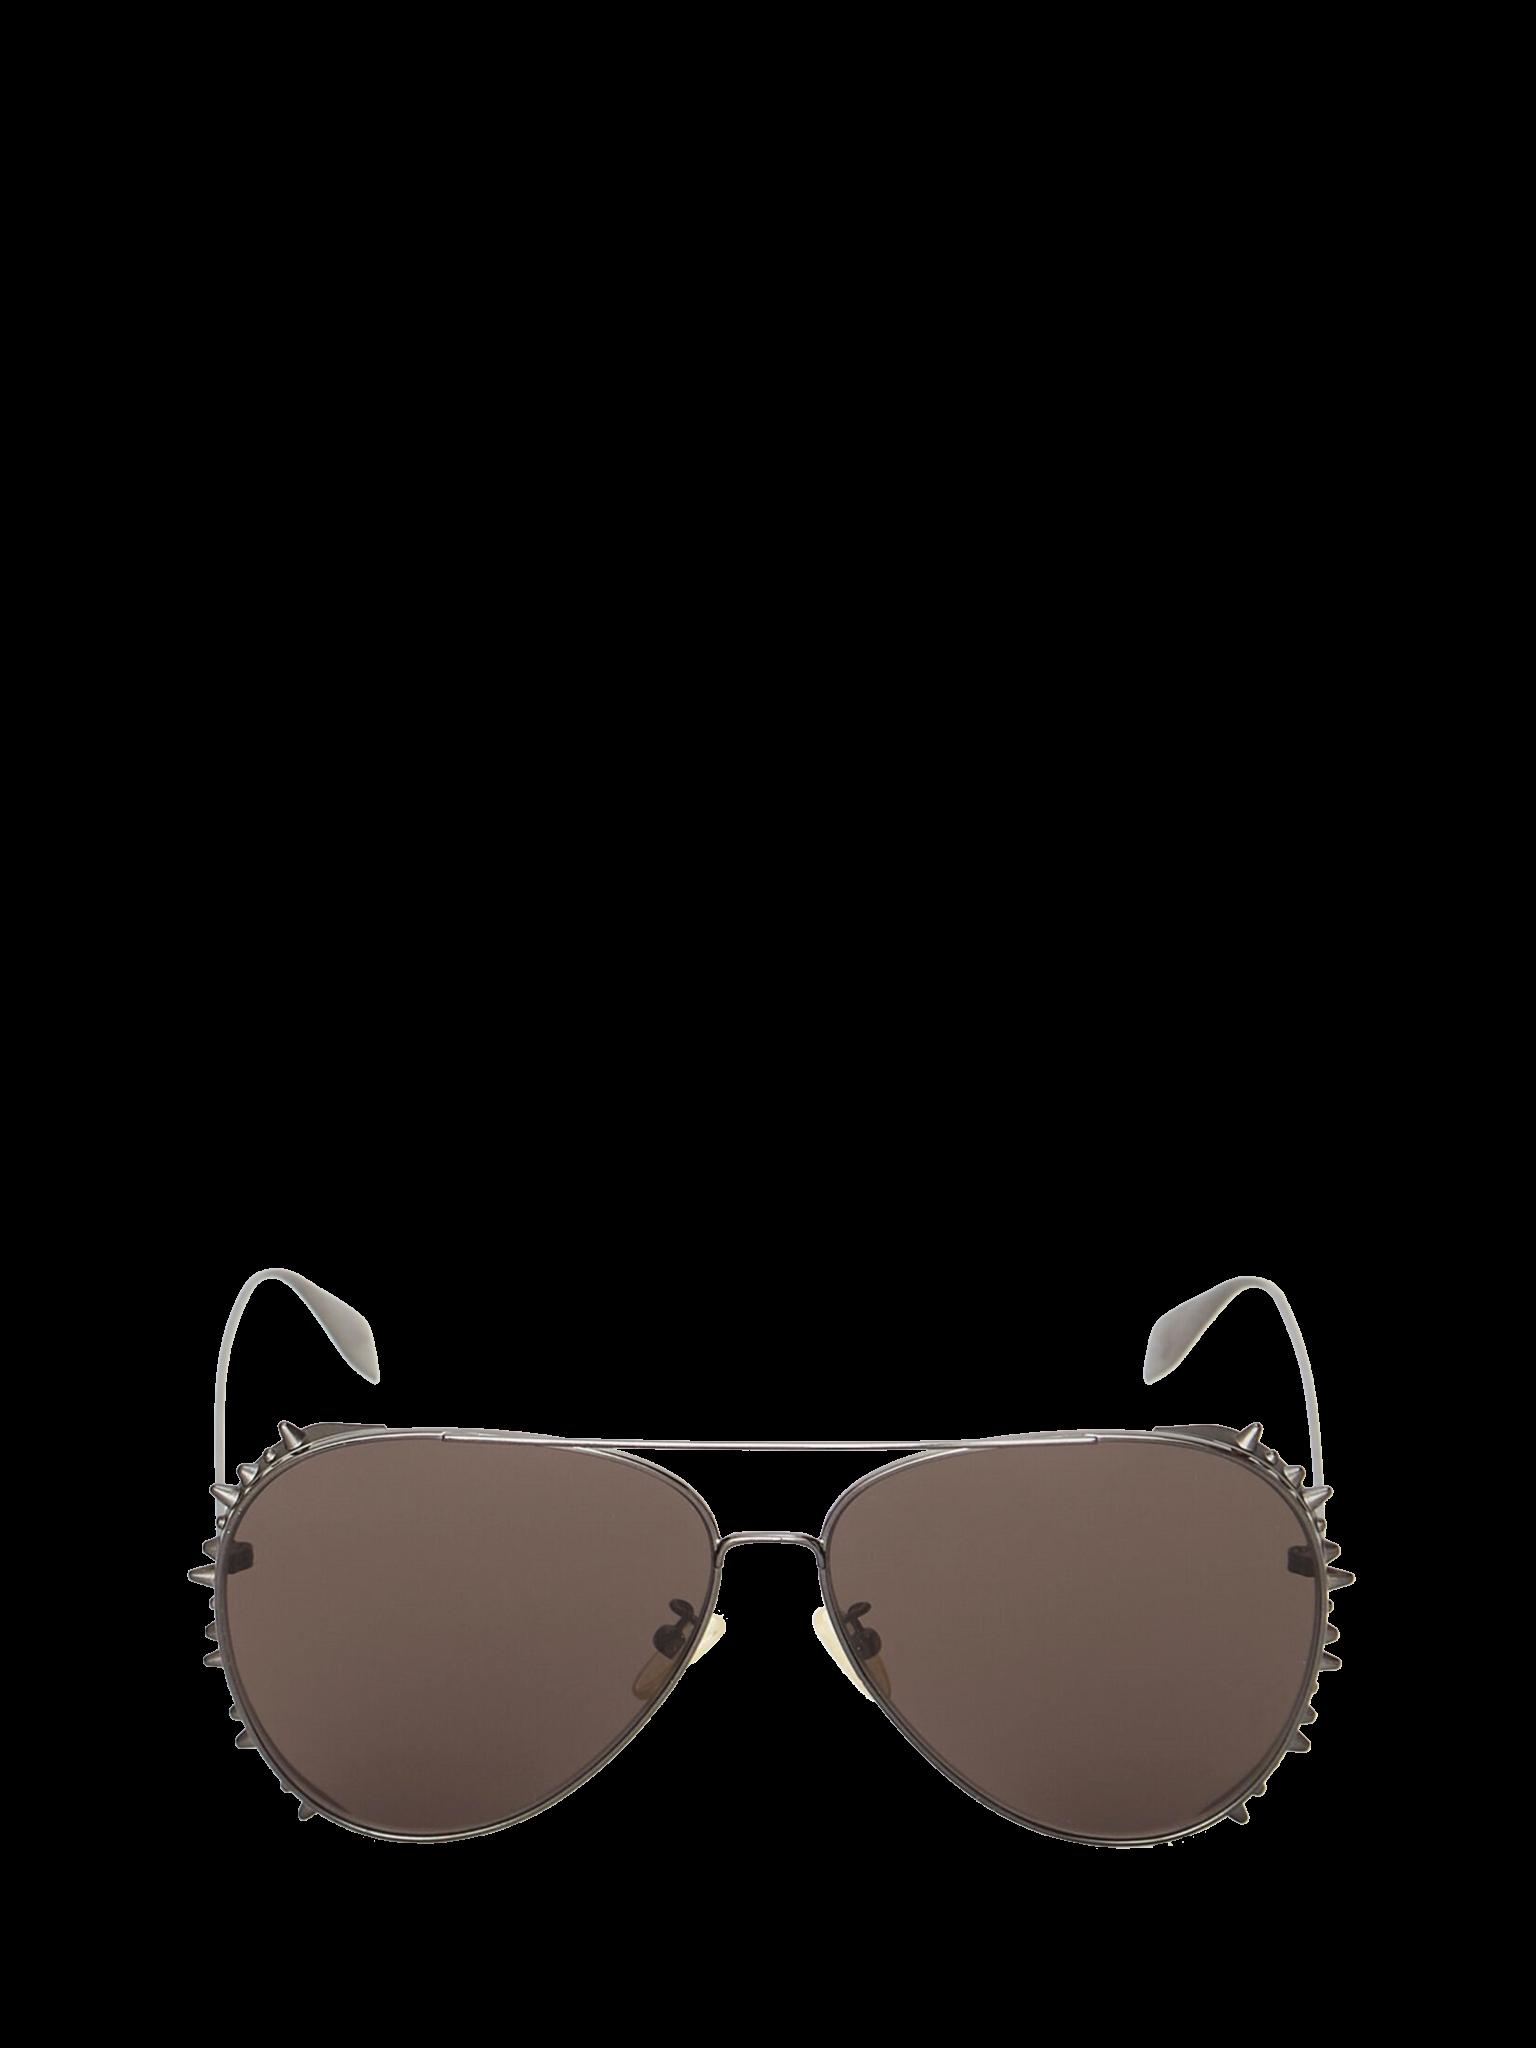 Sunglasses Guide 2021 - mcQueen